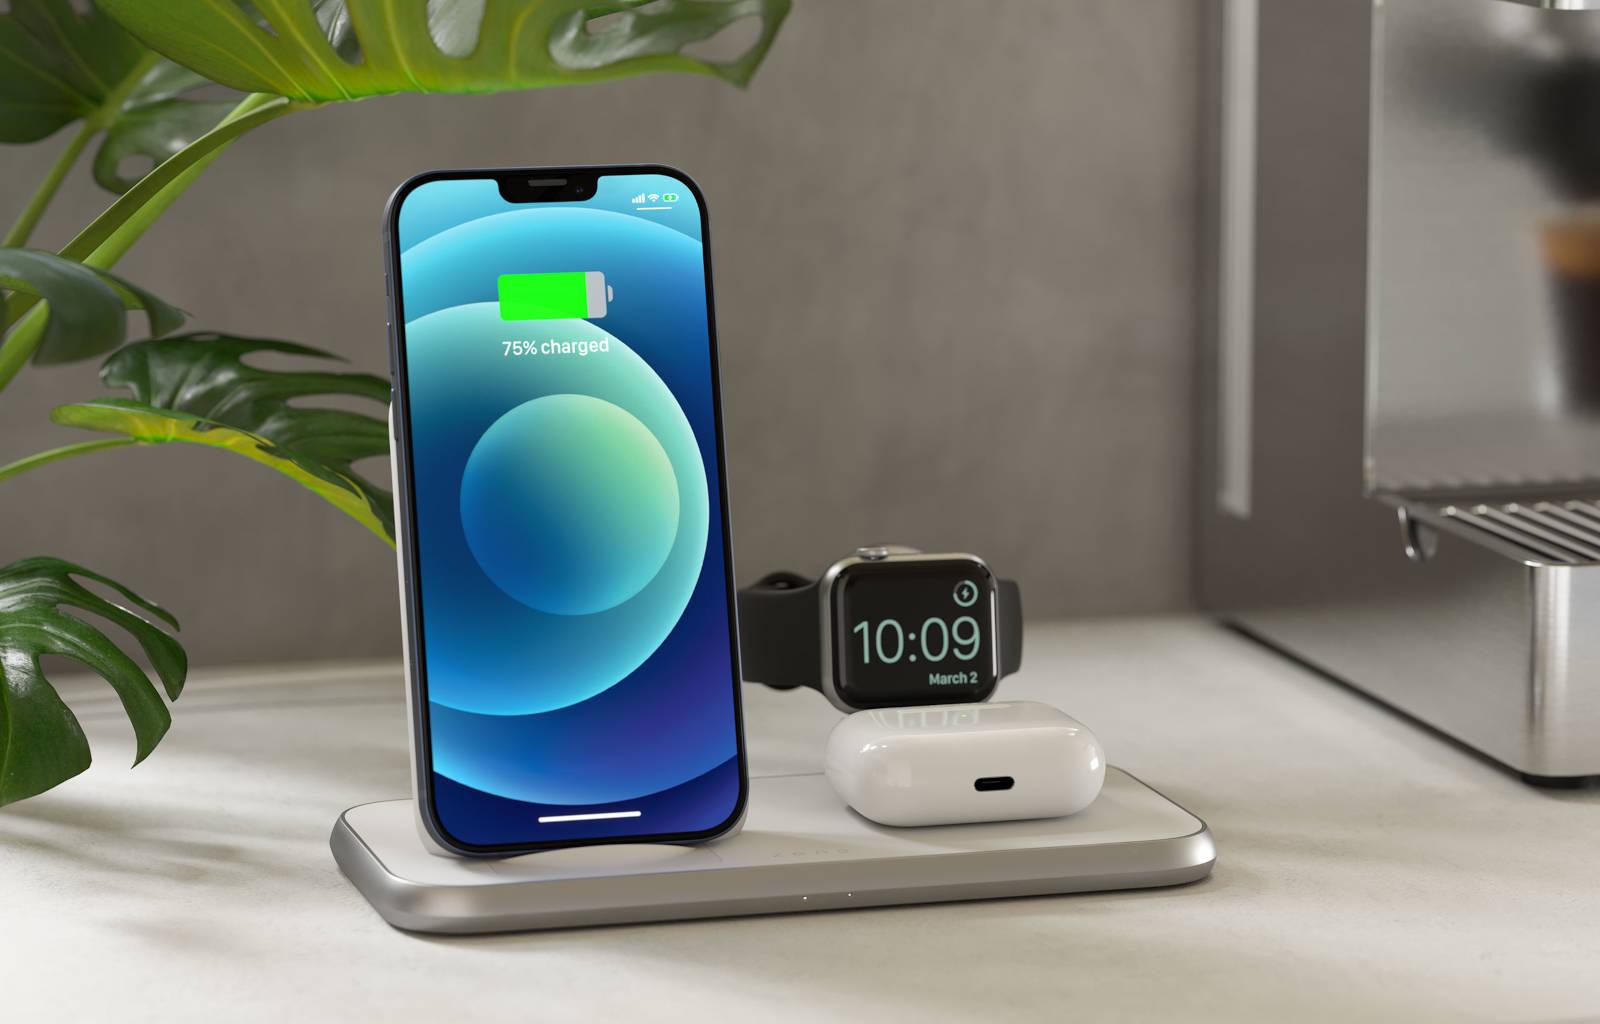 4-in-1 draadloze oplader met iPhone 12, Apple Watch en AirPods